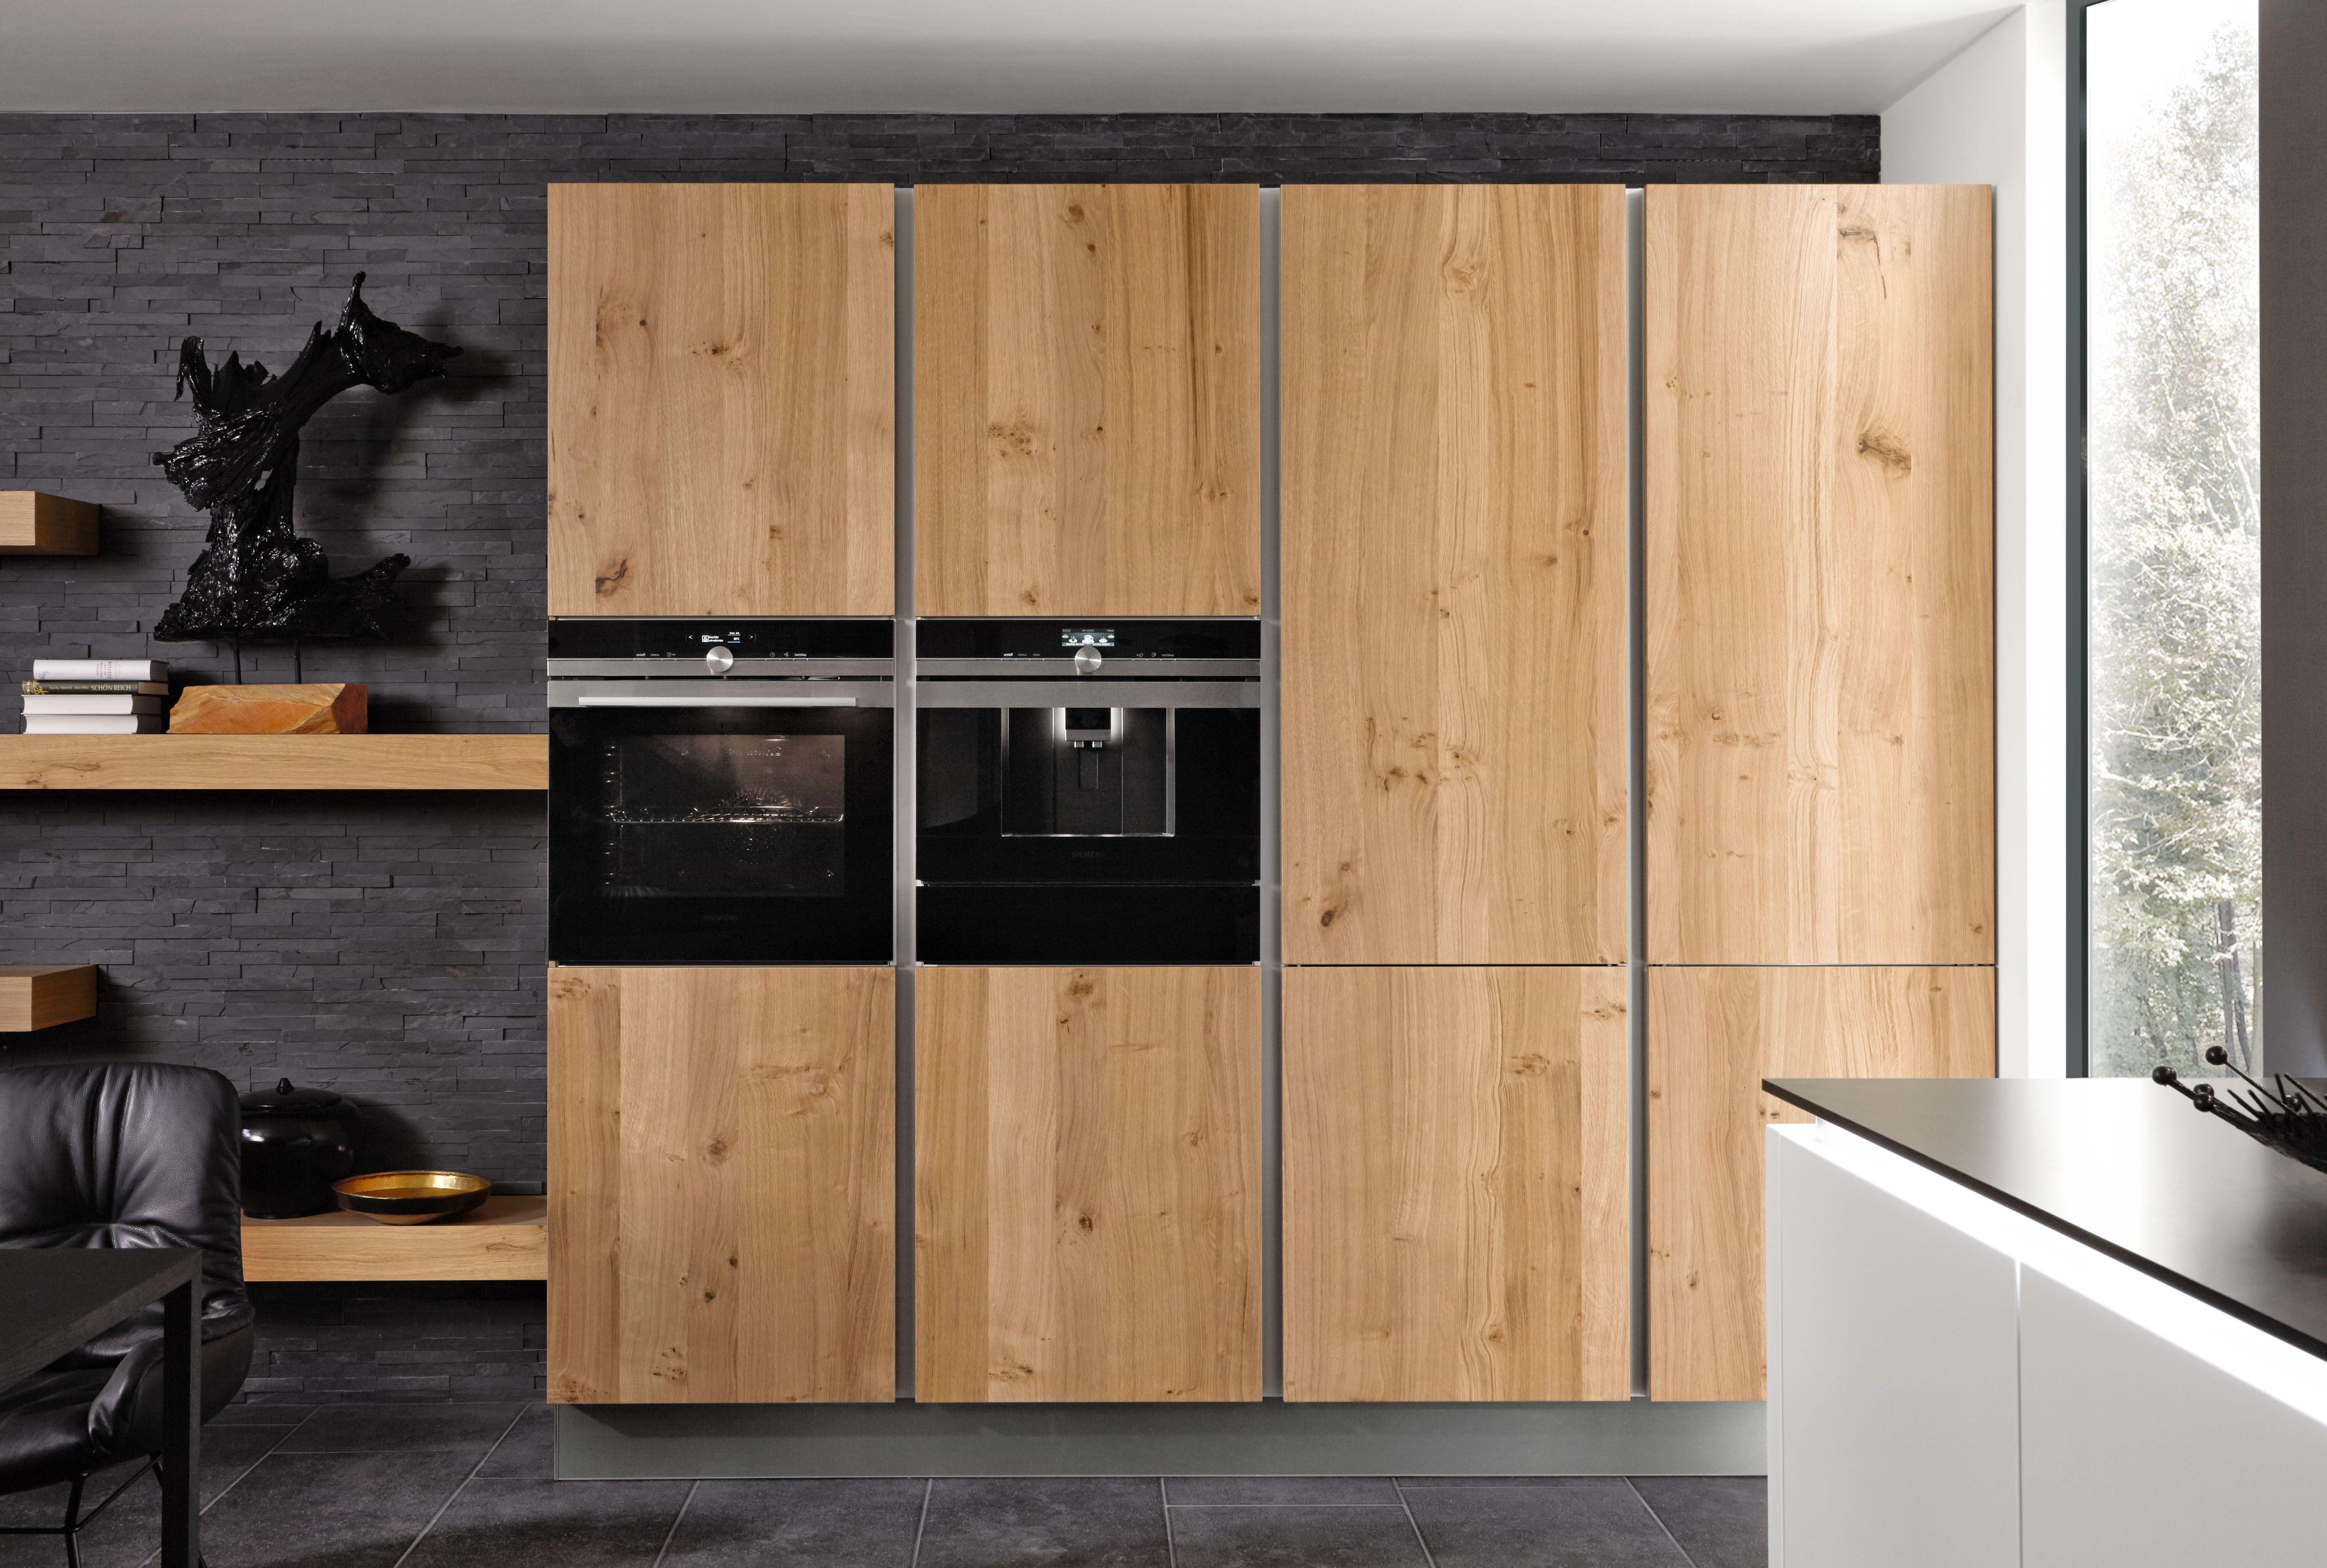 Prachtige moderne keuken van Nolte. | Onze eigen keukens | Pinterest